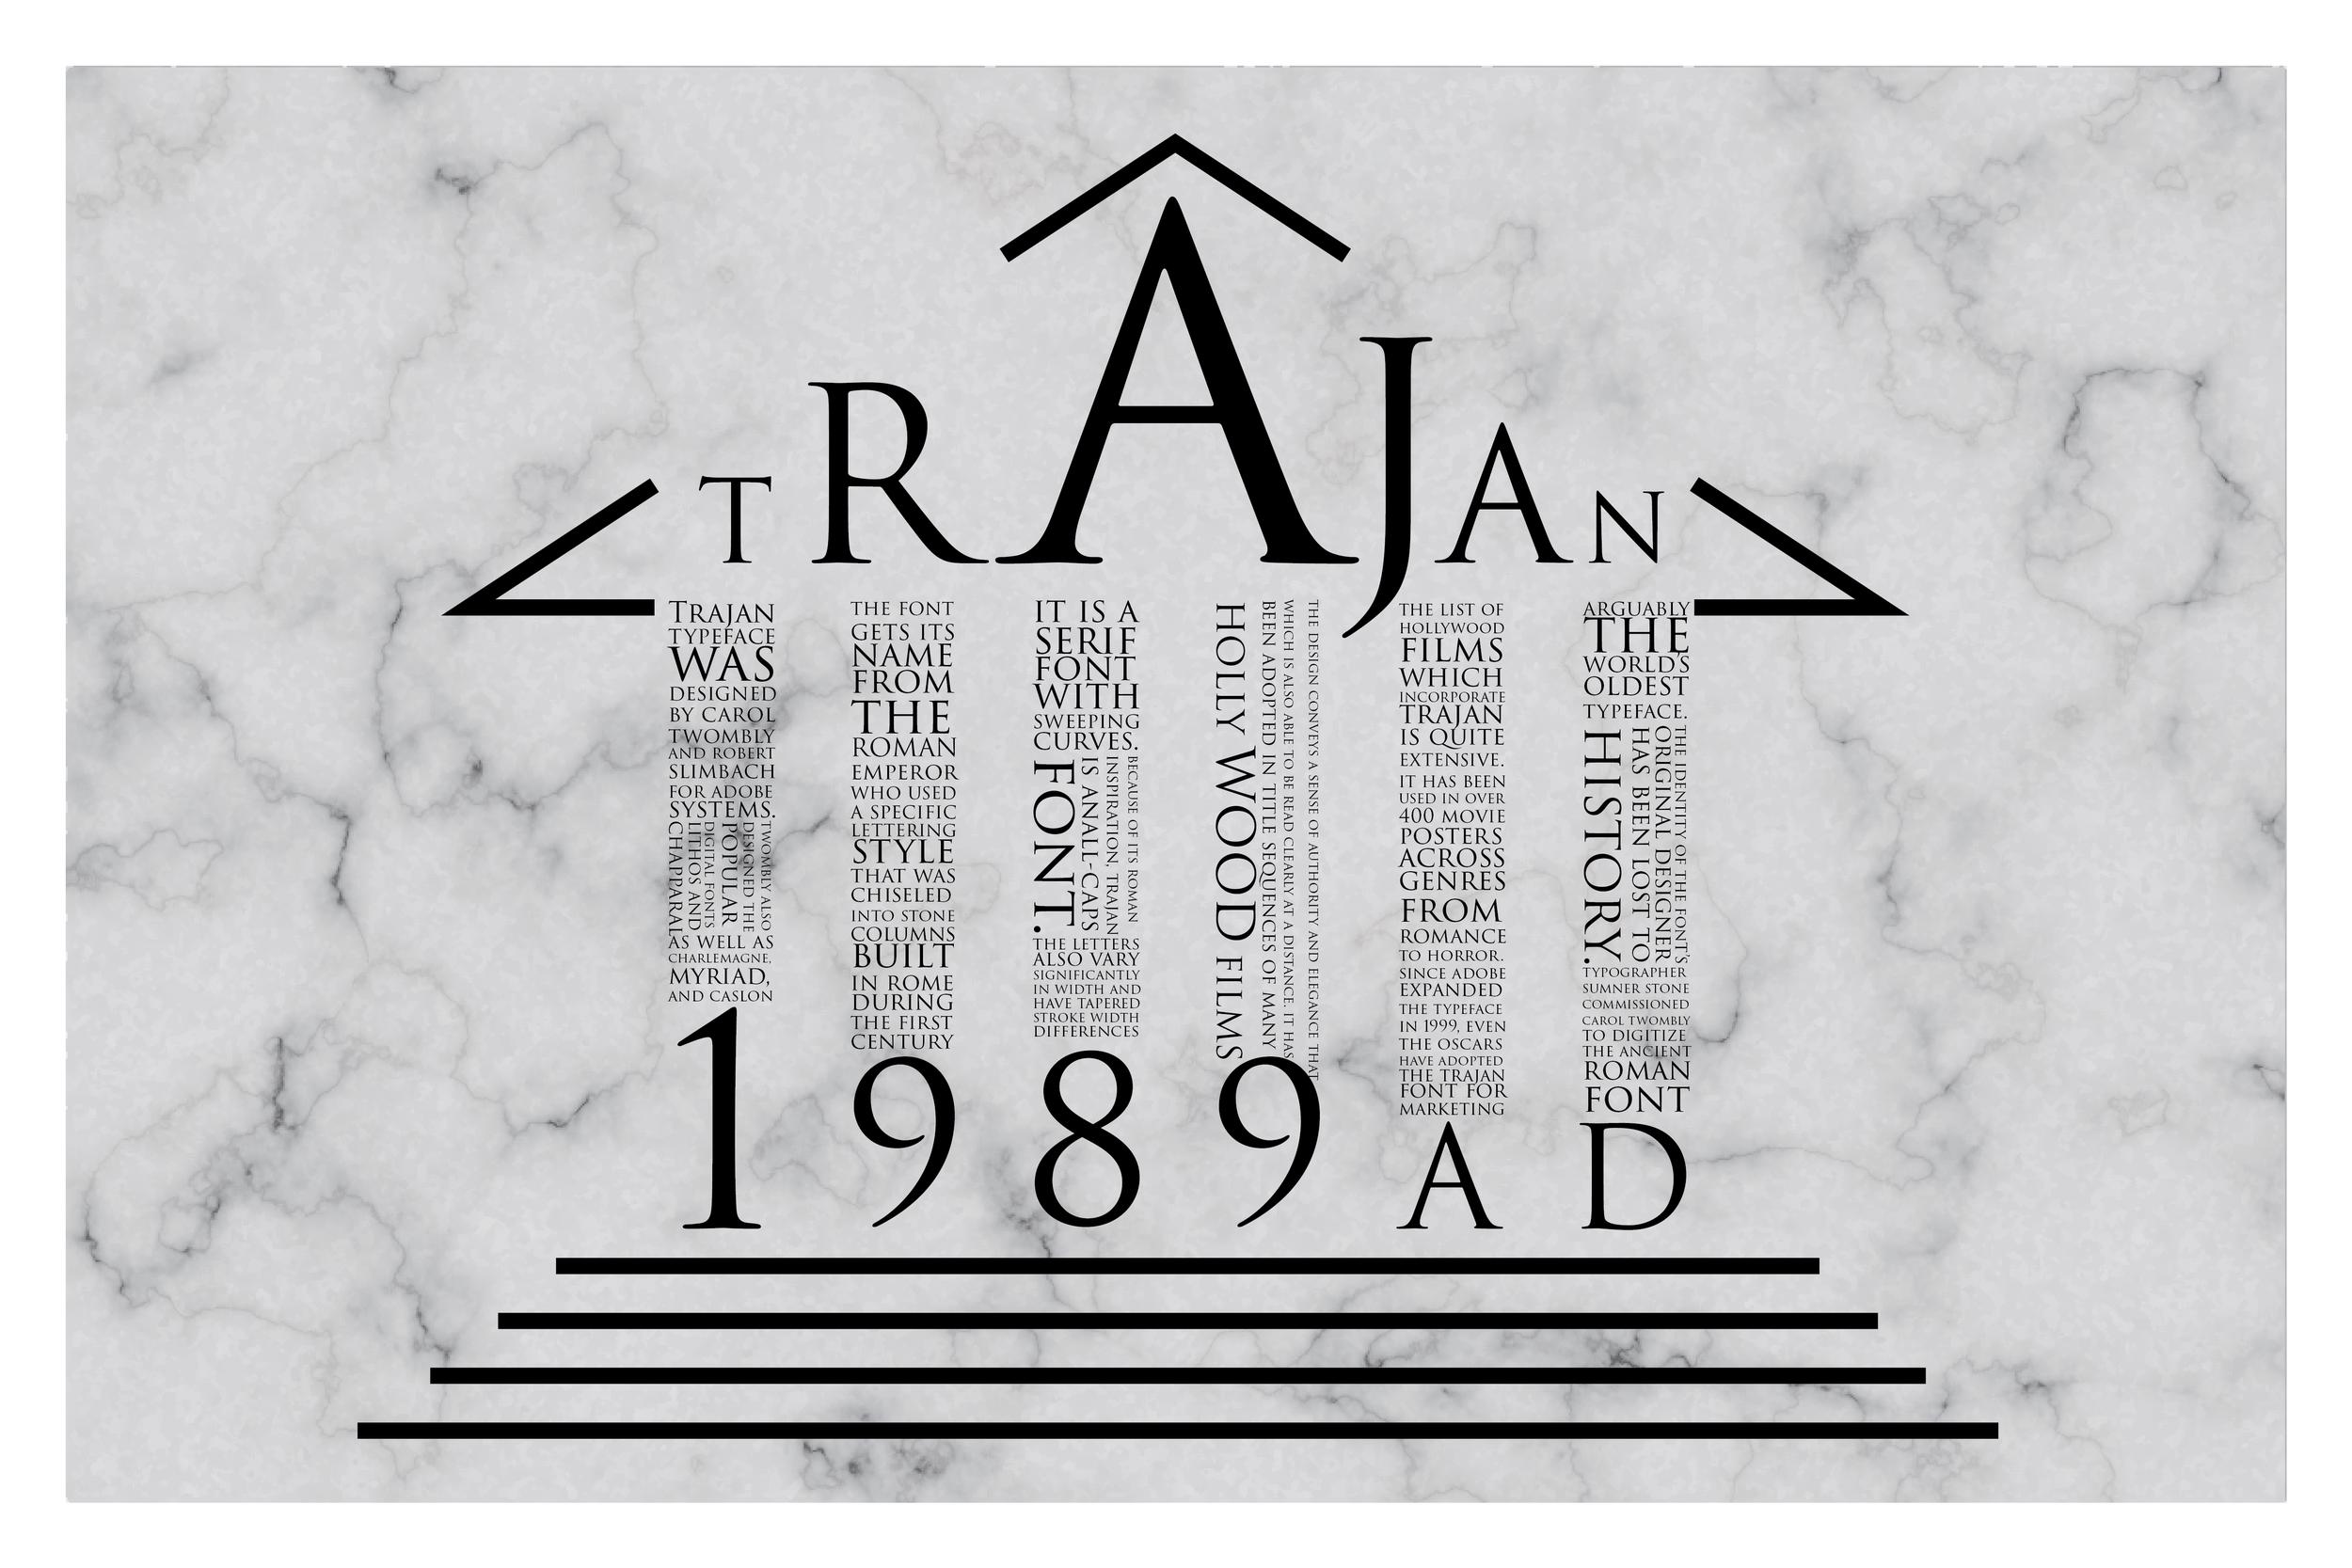 trajan2.png